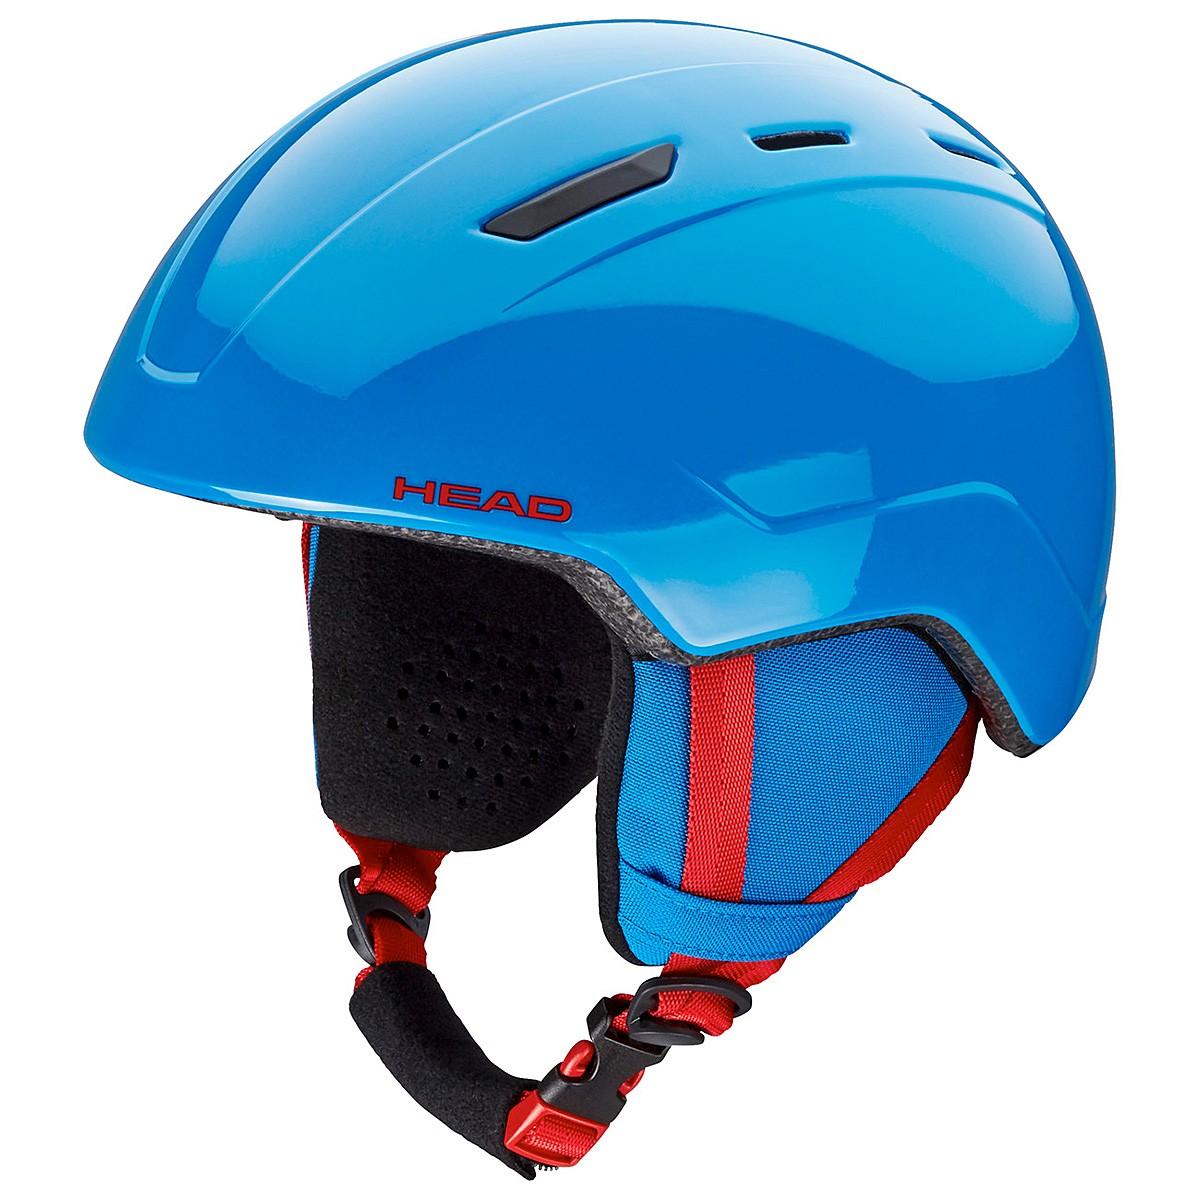 Casco sci Head Mojo (Colore: blu, Taglia: 52/56)